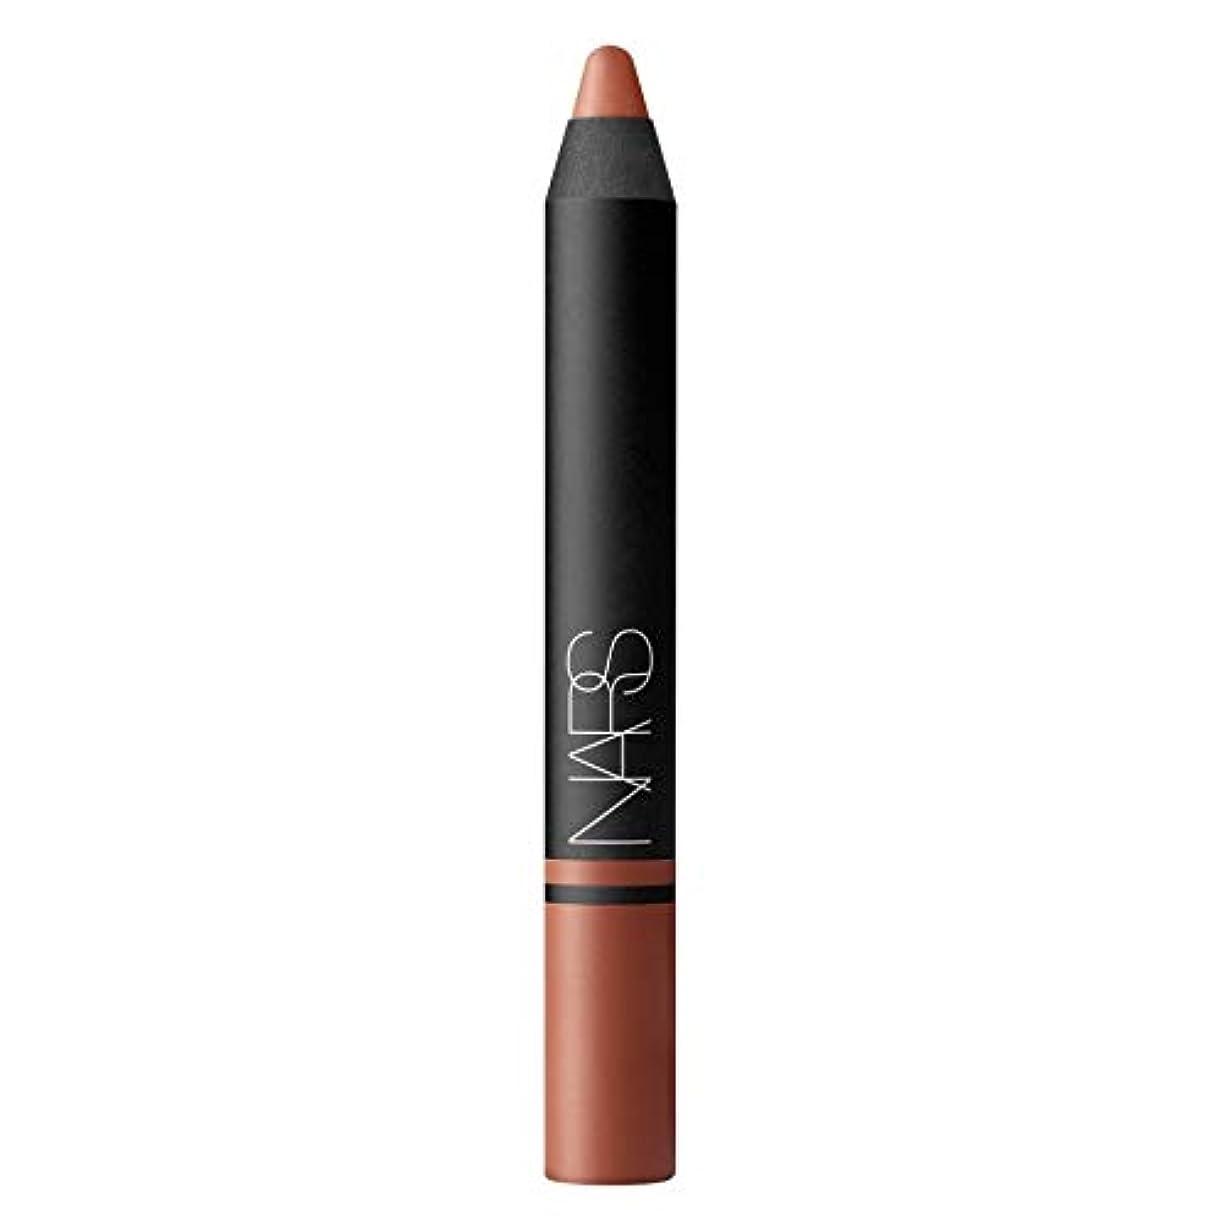 蛇行彼自身ペン[NARS] HetのトイレでのリップペンシルサテンのNar - Nars Satin Lip Pencil in Het Loo [並行輸入品]